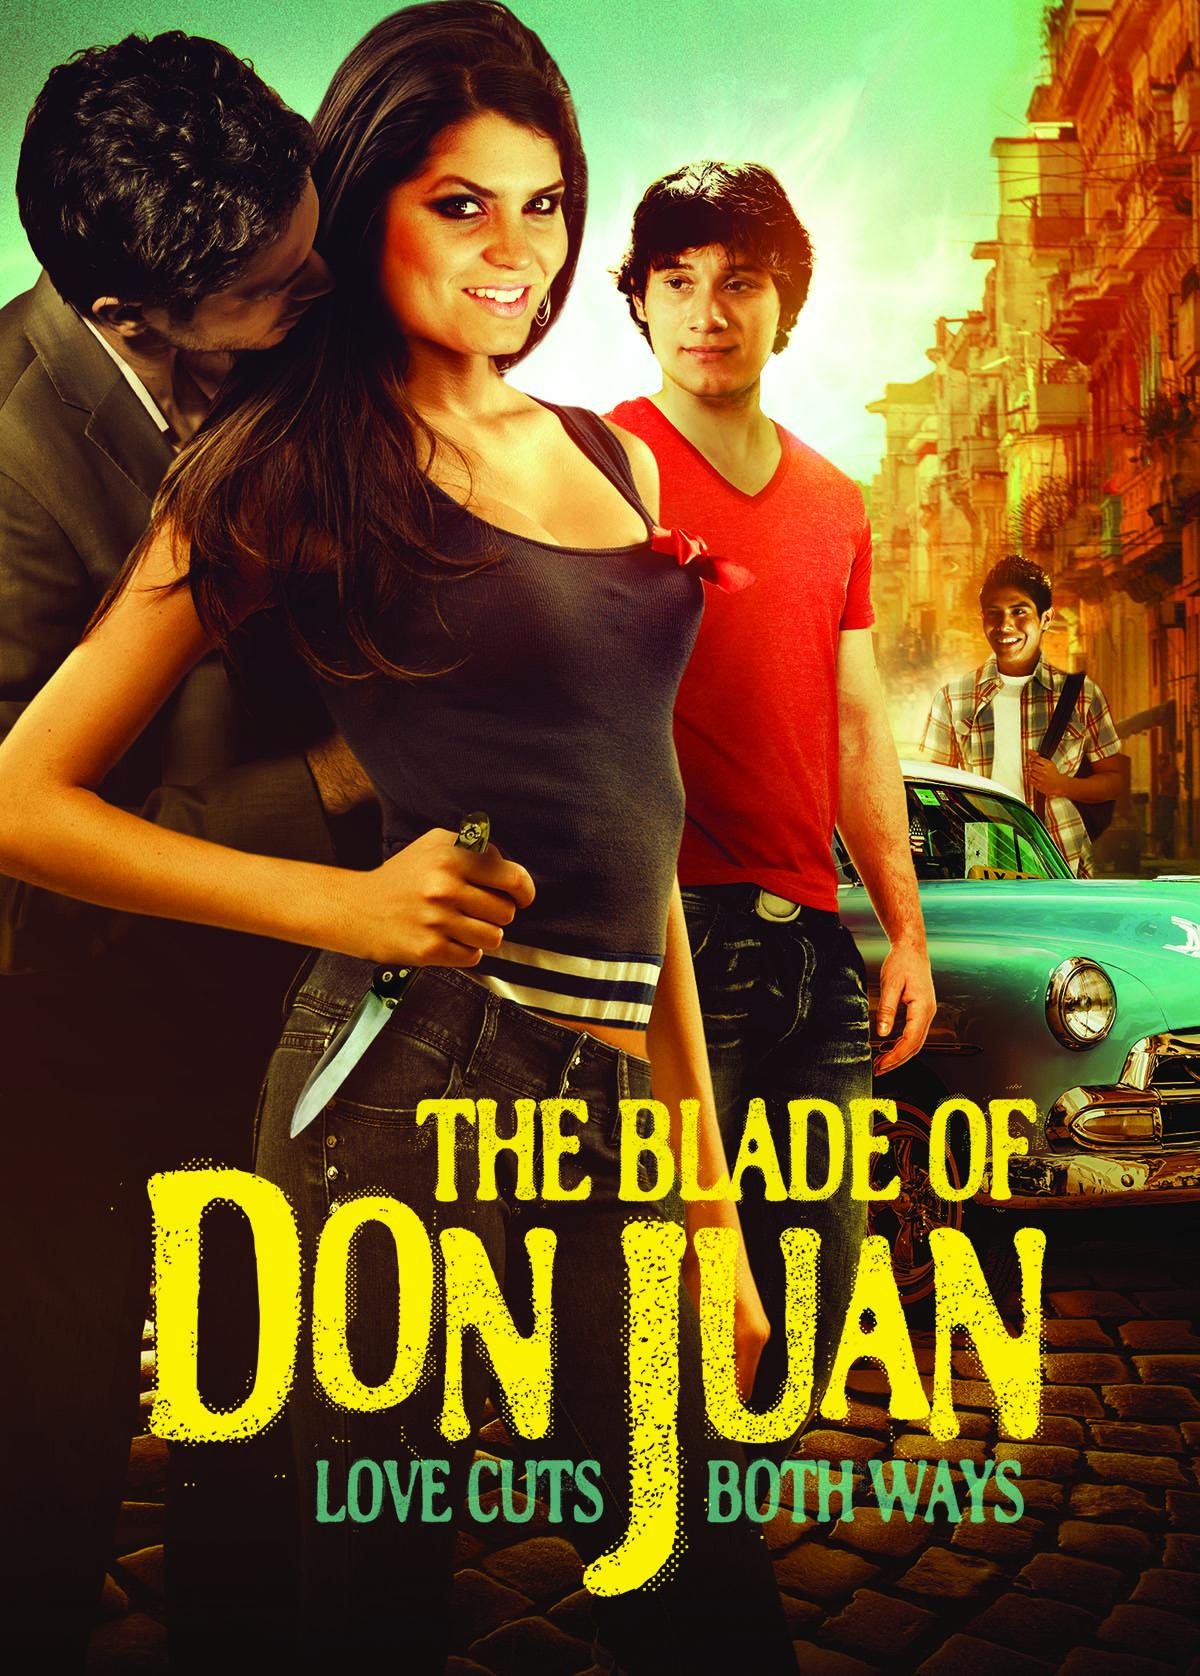 La navaja de Don Juan (2013) - IMDb